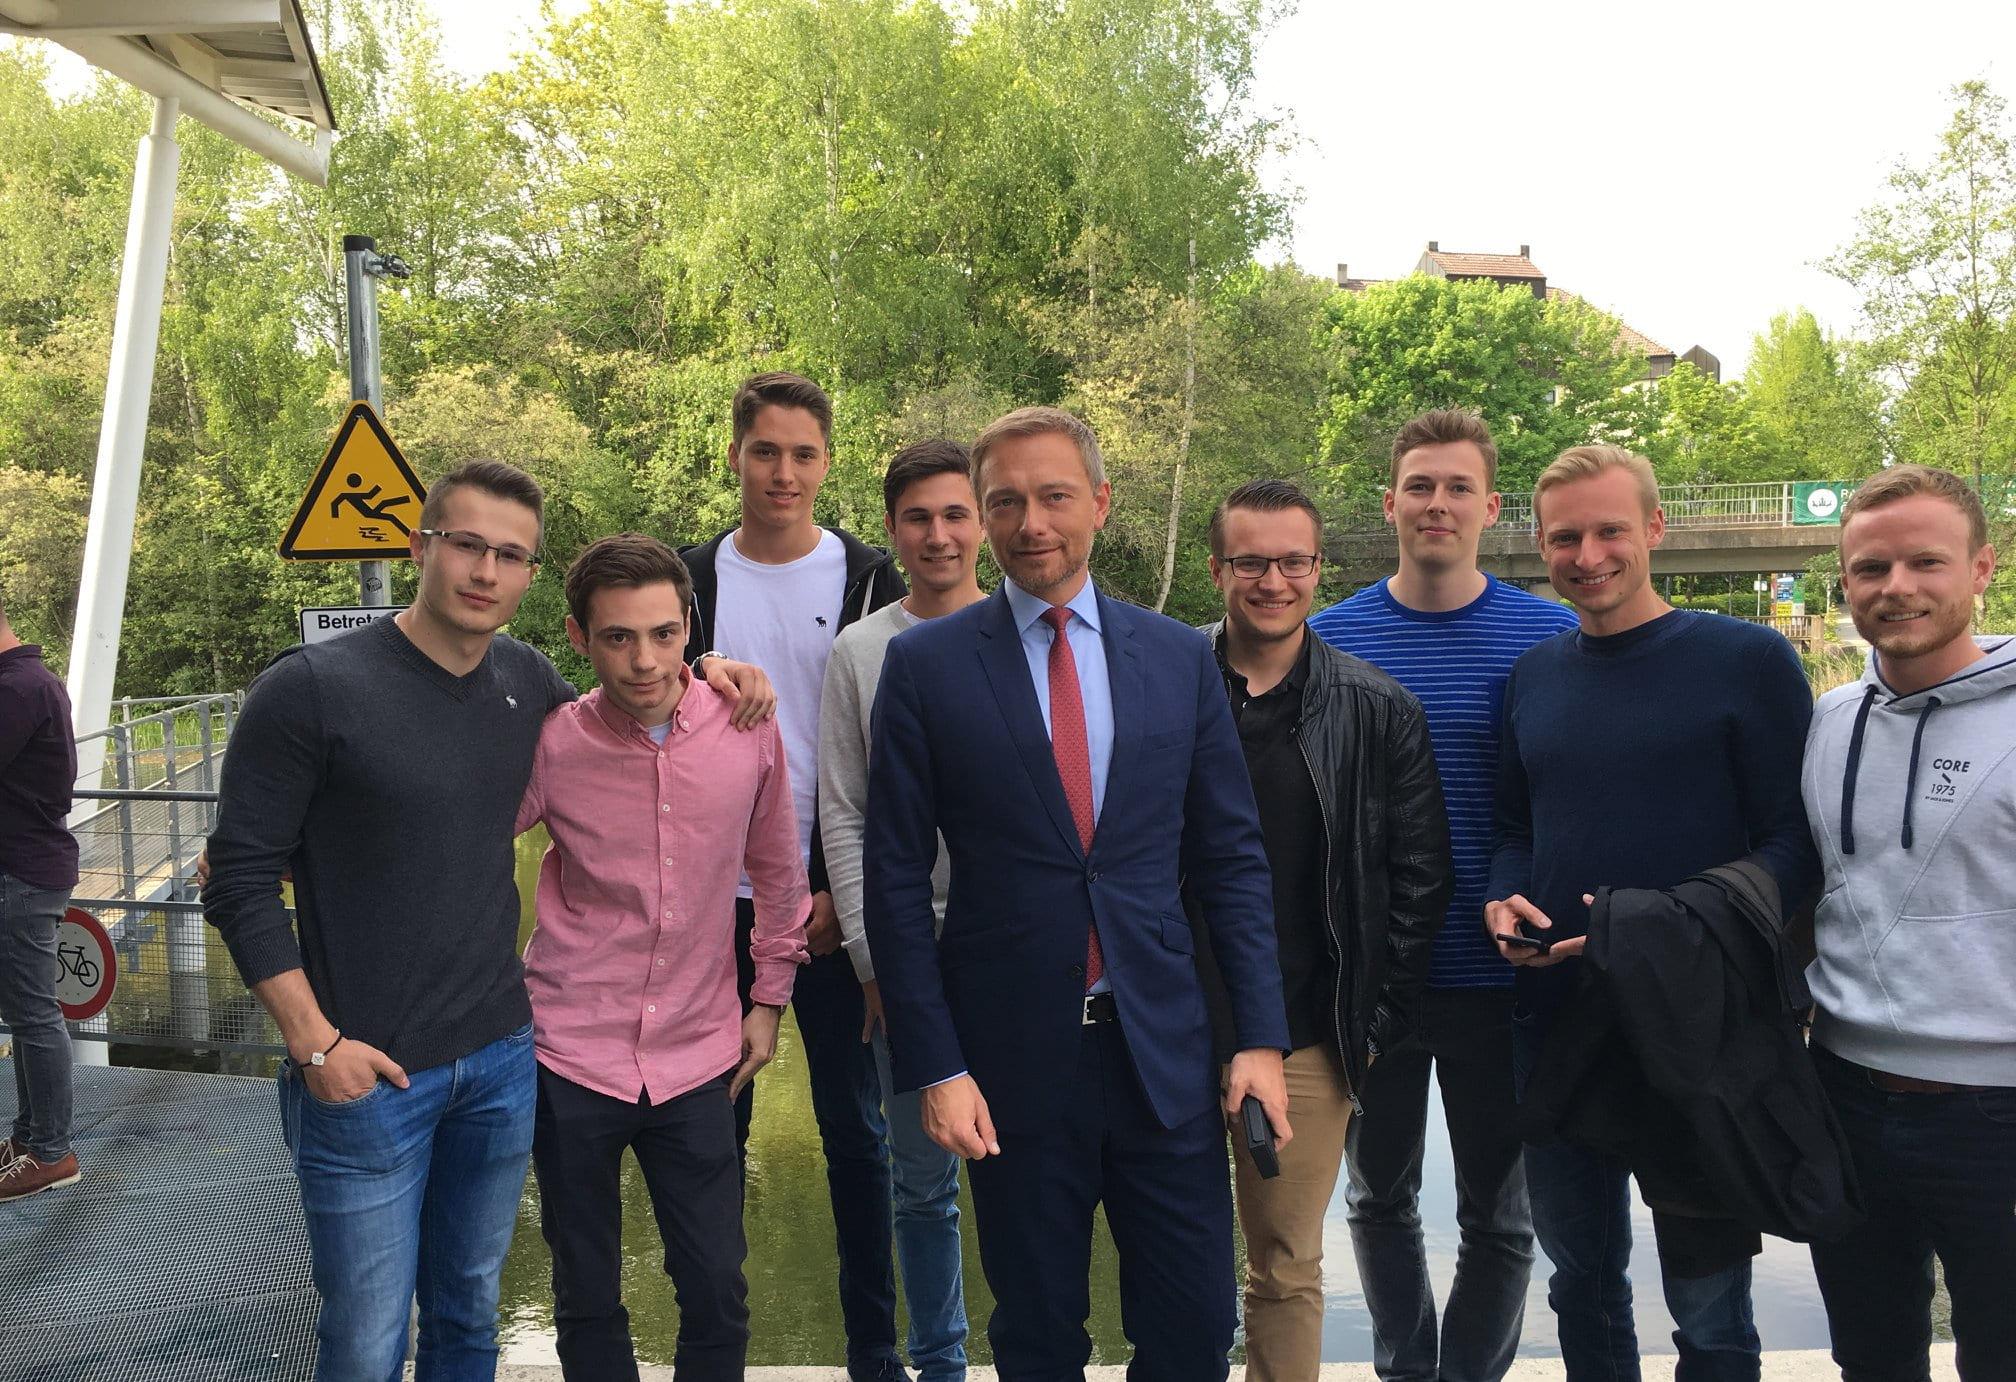 Mitglieder des Bayreuther Börsenvereins neben Christian Lindner (FDP) an der Universität Bayreuth im Mai 2018